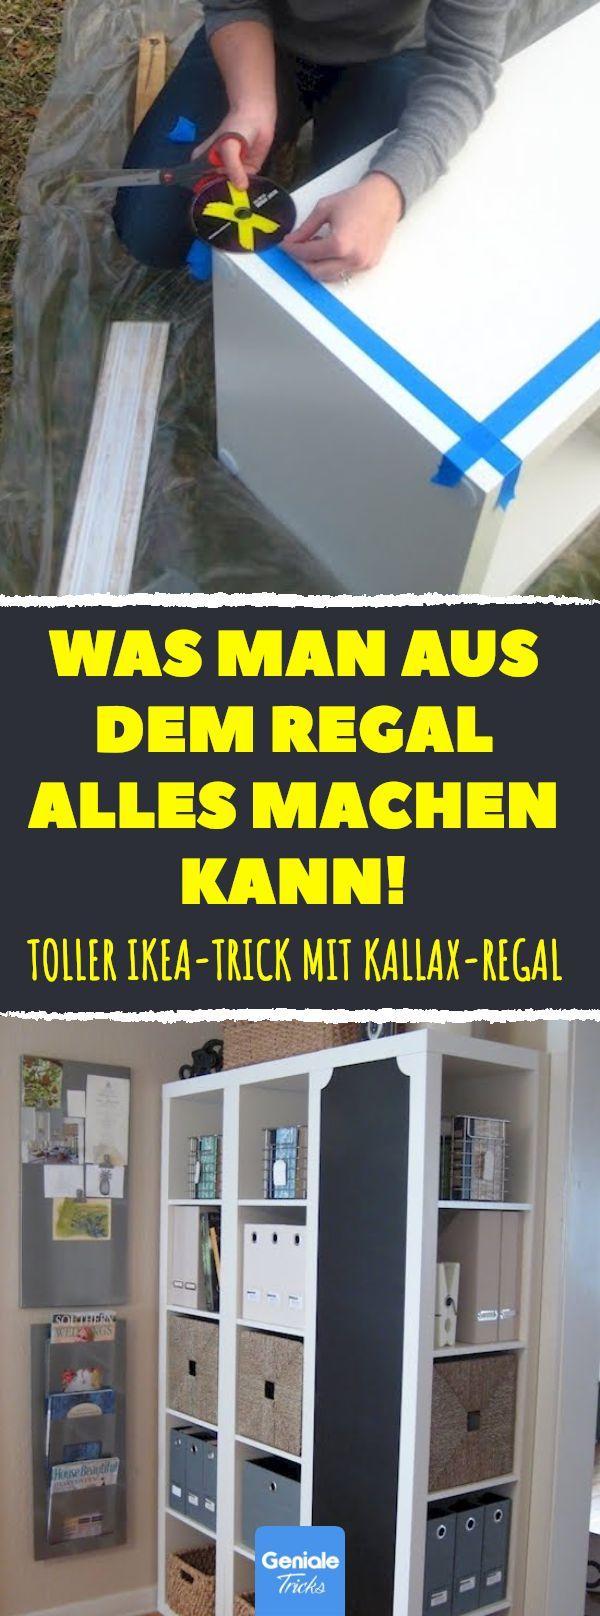 Dieser IKEA-Trick kostet keine 10 Euro. Aber das Ergebnis ist absolute Weltklasse. #ikea #trick #kallax #diy #regal –  –